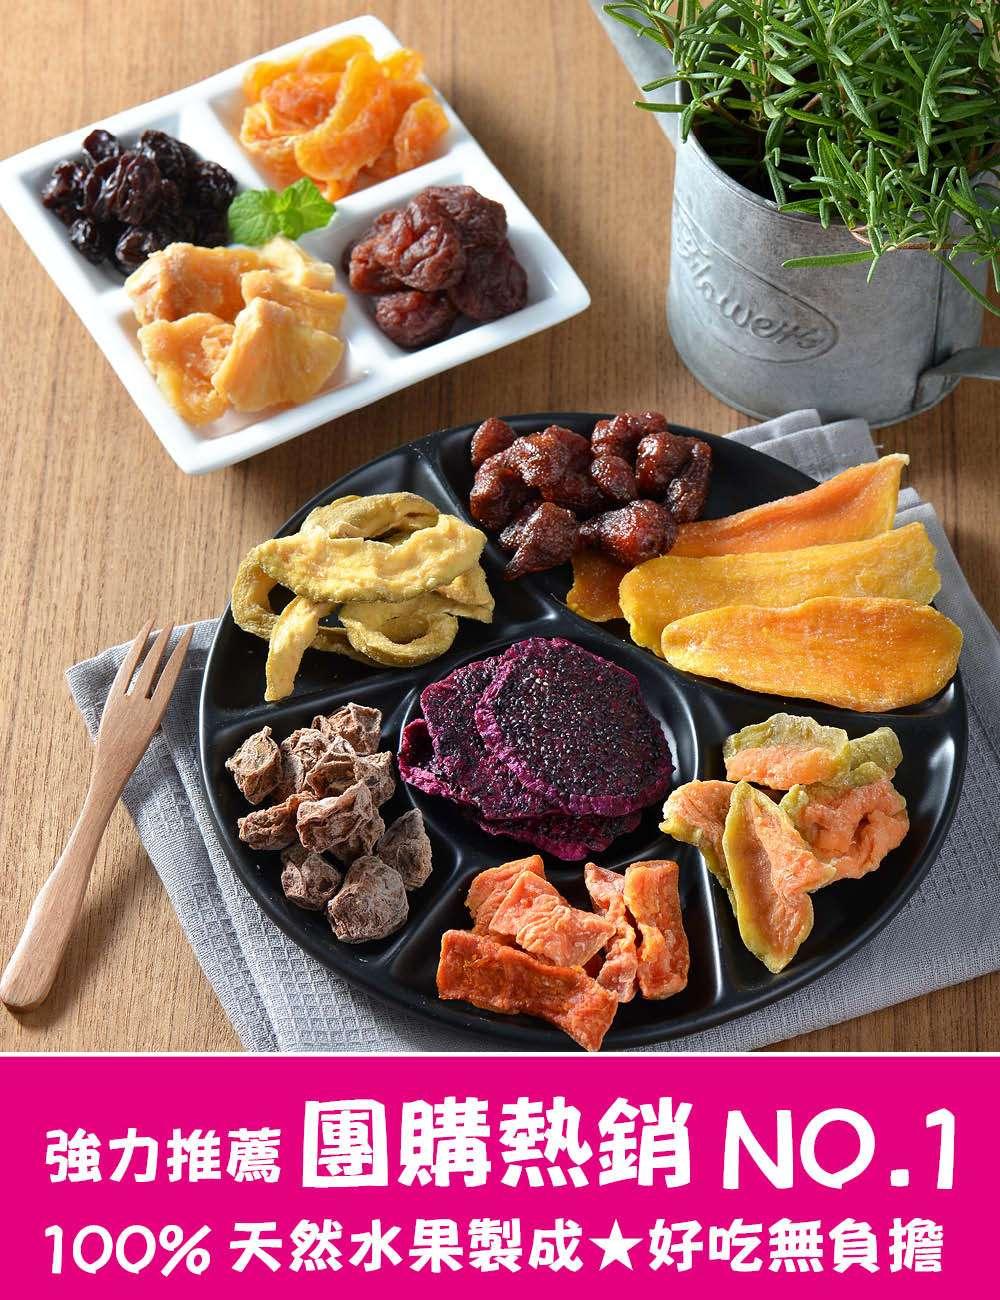 自然果乾|美食 堅果 果乾 水果